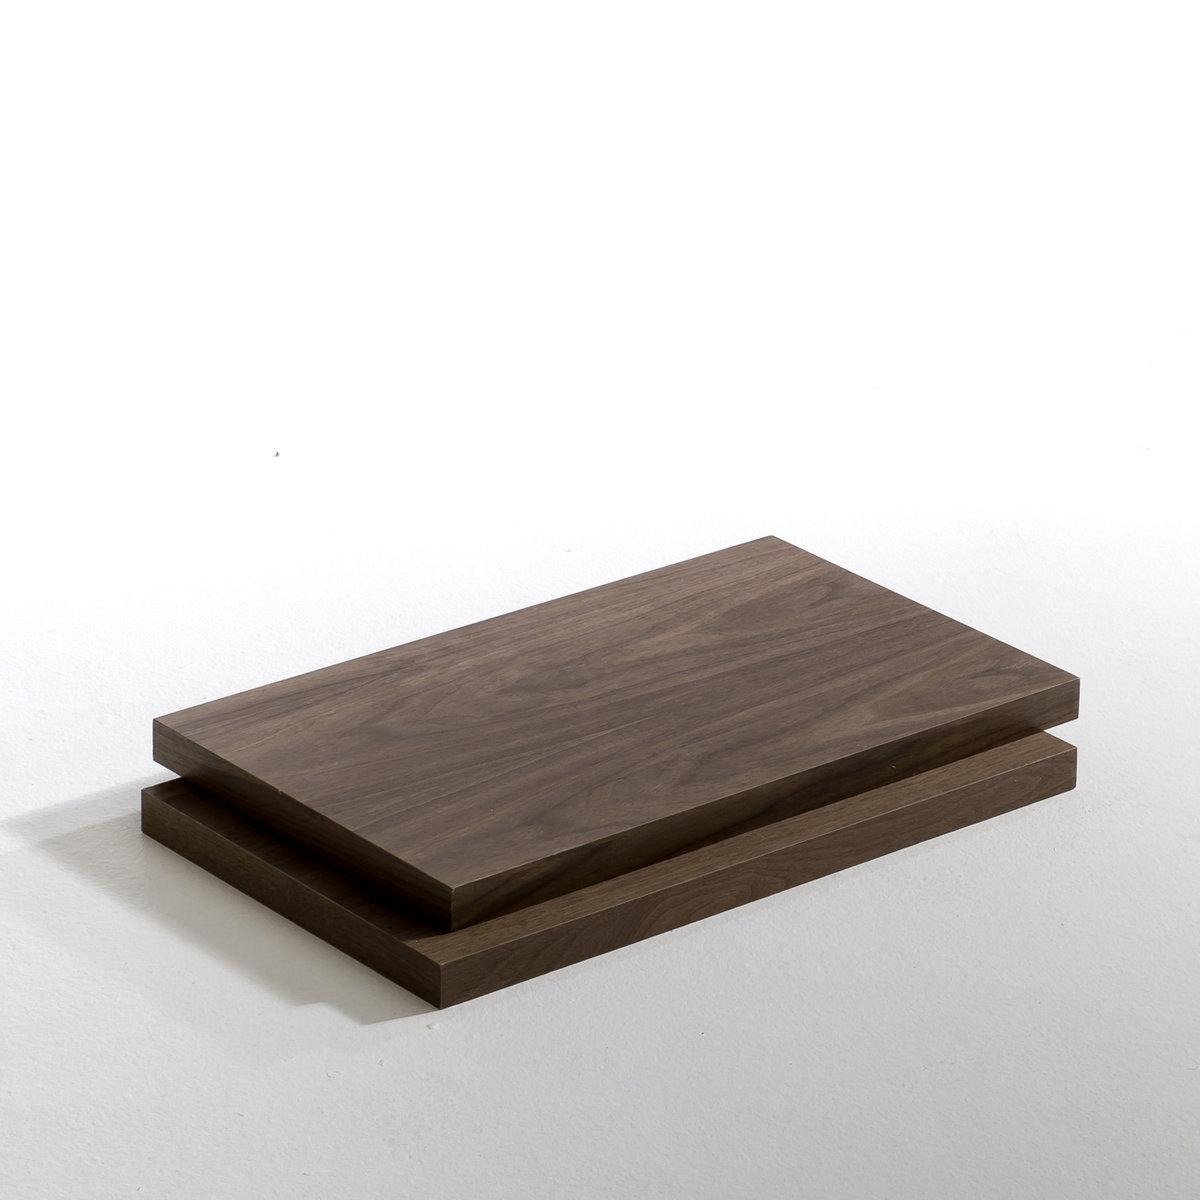 Этажерка Kyriel для гардеробнойХарактеристики : - МДФ, отделка полиуретановым лаком матового или блестящего цвета- Фиксируется на желаемой высоте с помощью уголковых кронштейнов для этажерок.   Размеры : - T60 : 60 x 3,74 x 36 см - T110 : 110 x 3,74 x 36 см Размеры и вес упаковки :- T60 : 70,5 x 10 x 44 см, 3,3 кг- T110 : 120,5 x 10 x 44 см, 7,7 кг<br><br>Цвет: ореховый